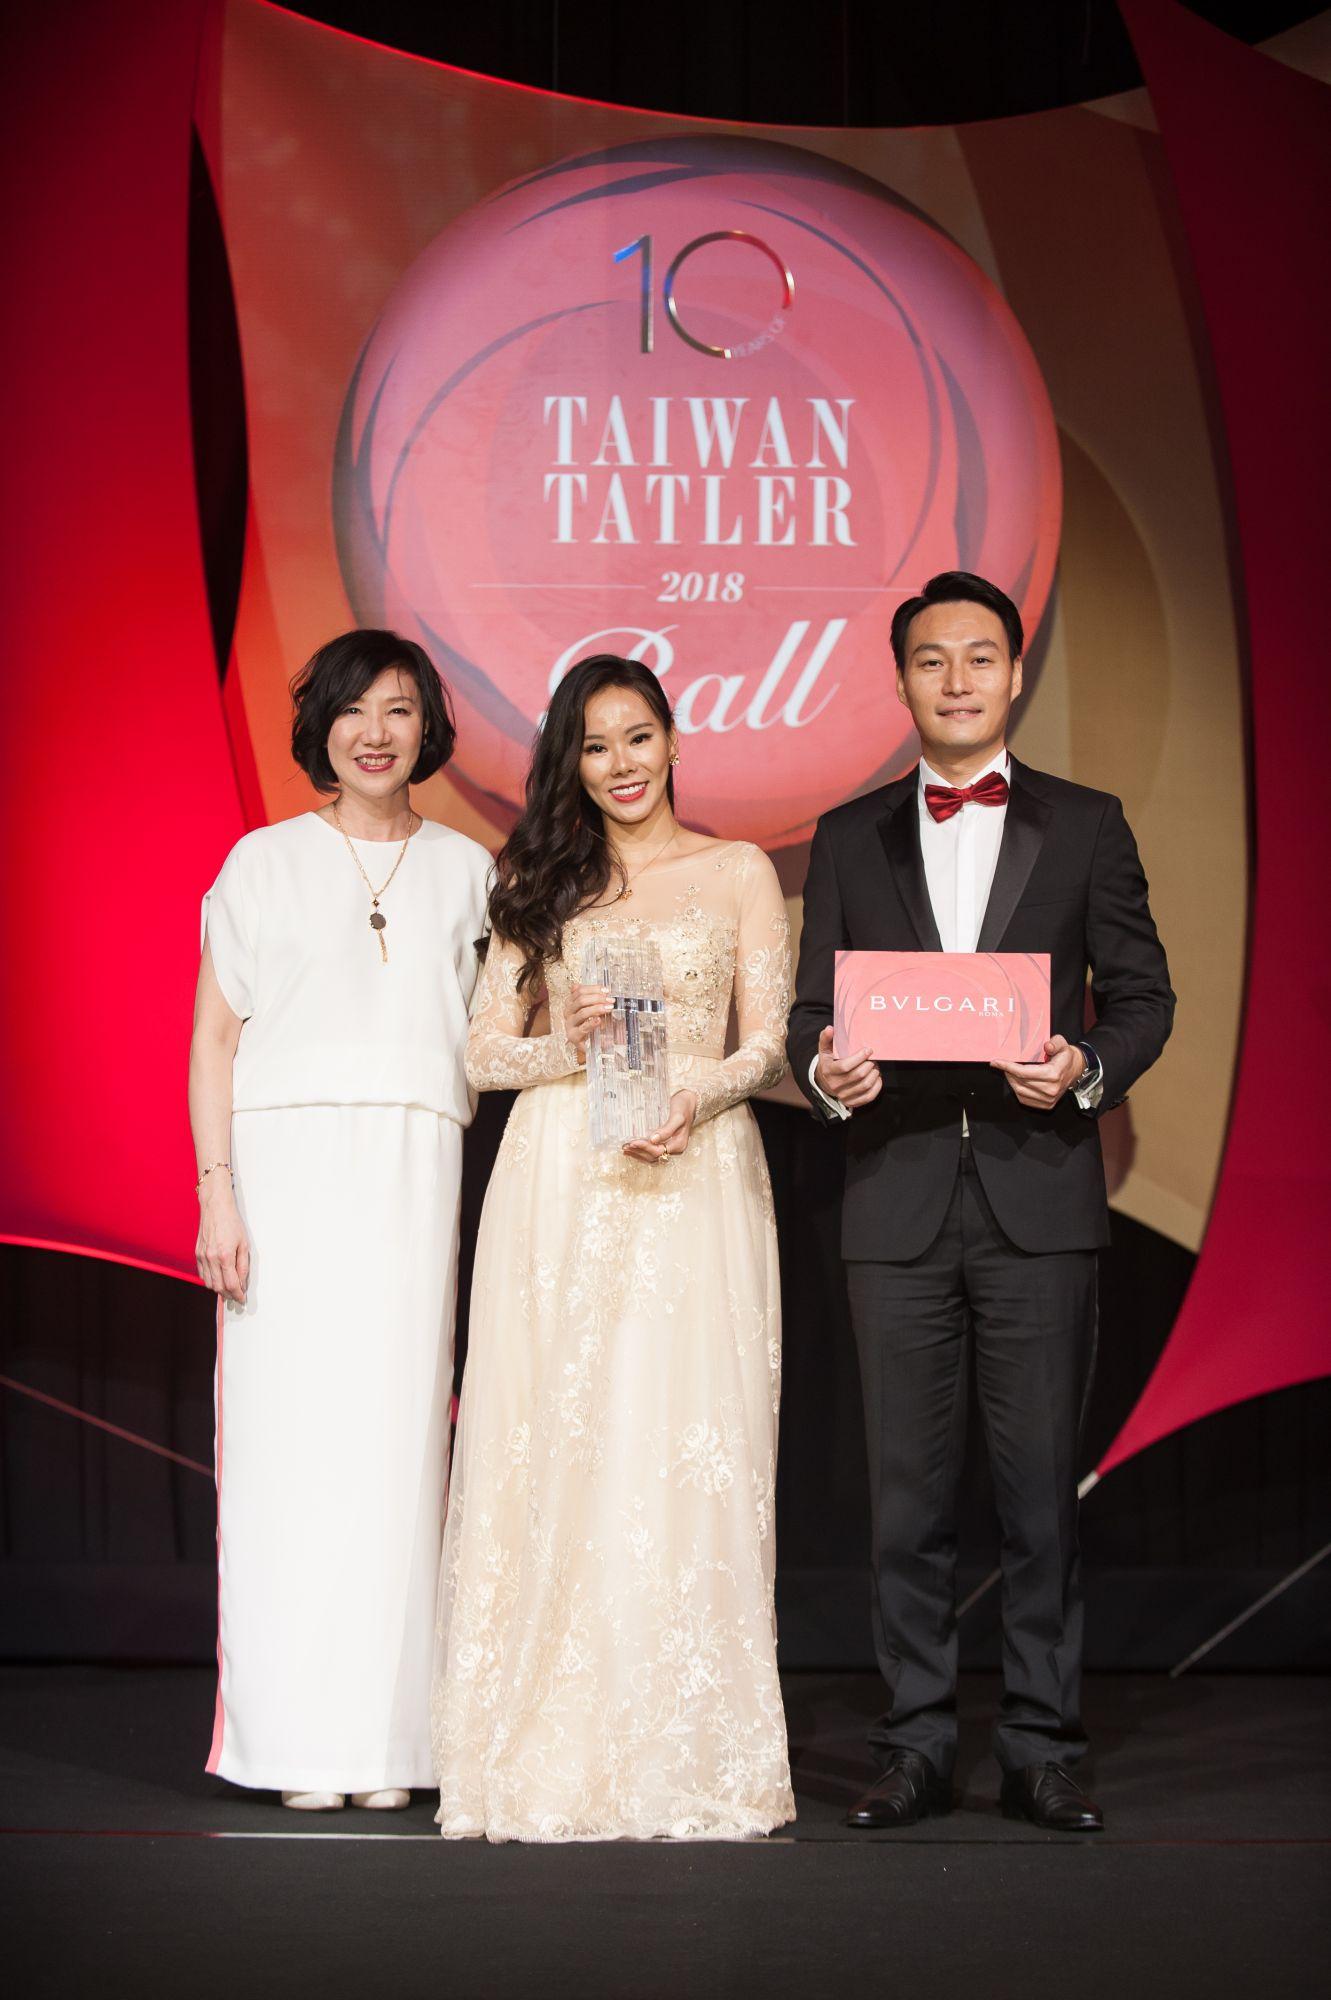 川菱工業股份有限公司董事長與執行董事陳逸霖、陳孟妮伉儷獲「年度璀璨魅力伉儷」,獎品由Bvlgari贊助。